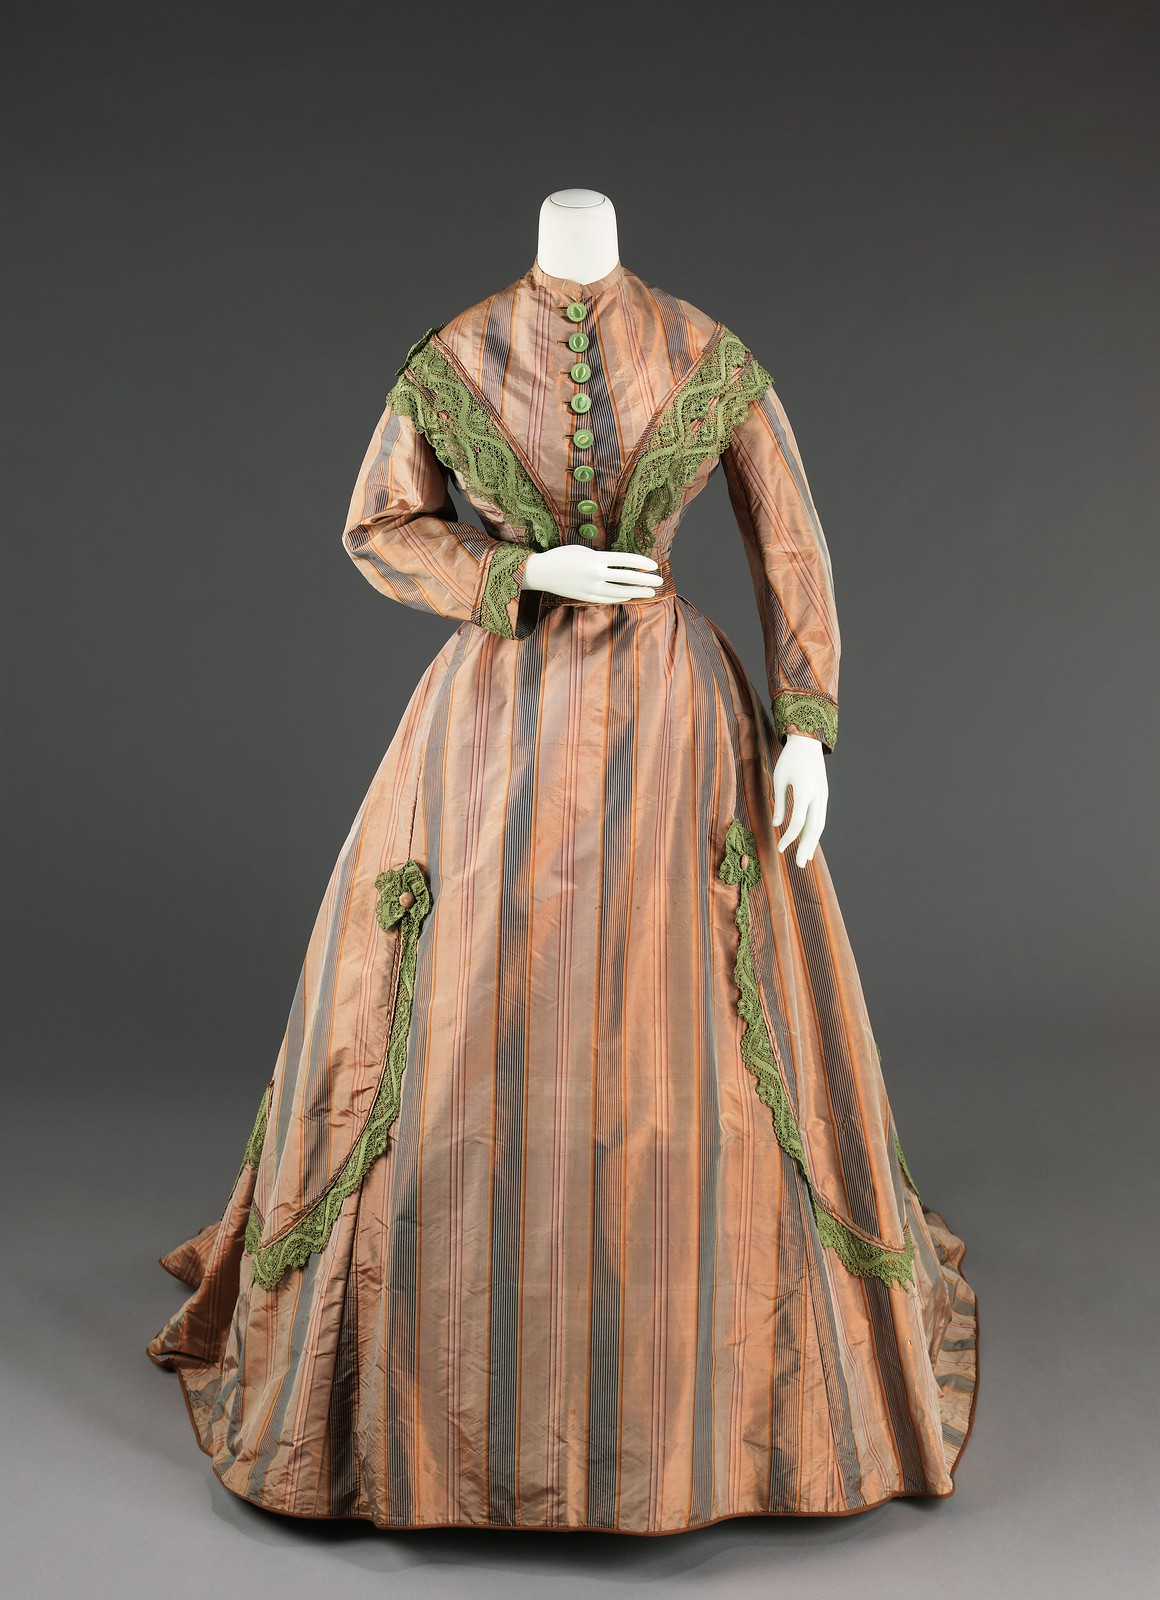 c. 1865. American. silk. metmuseum_front